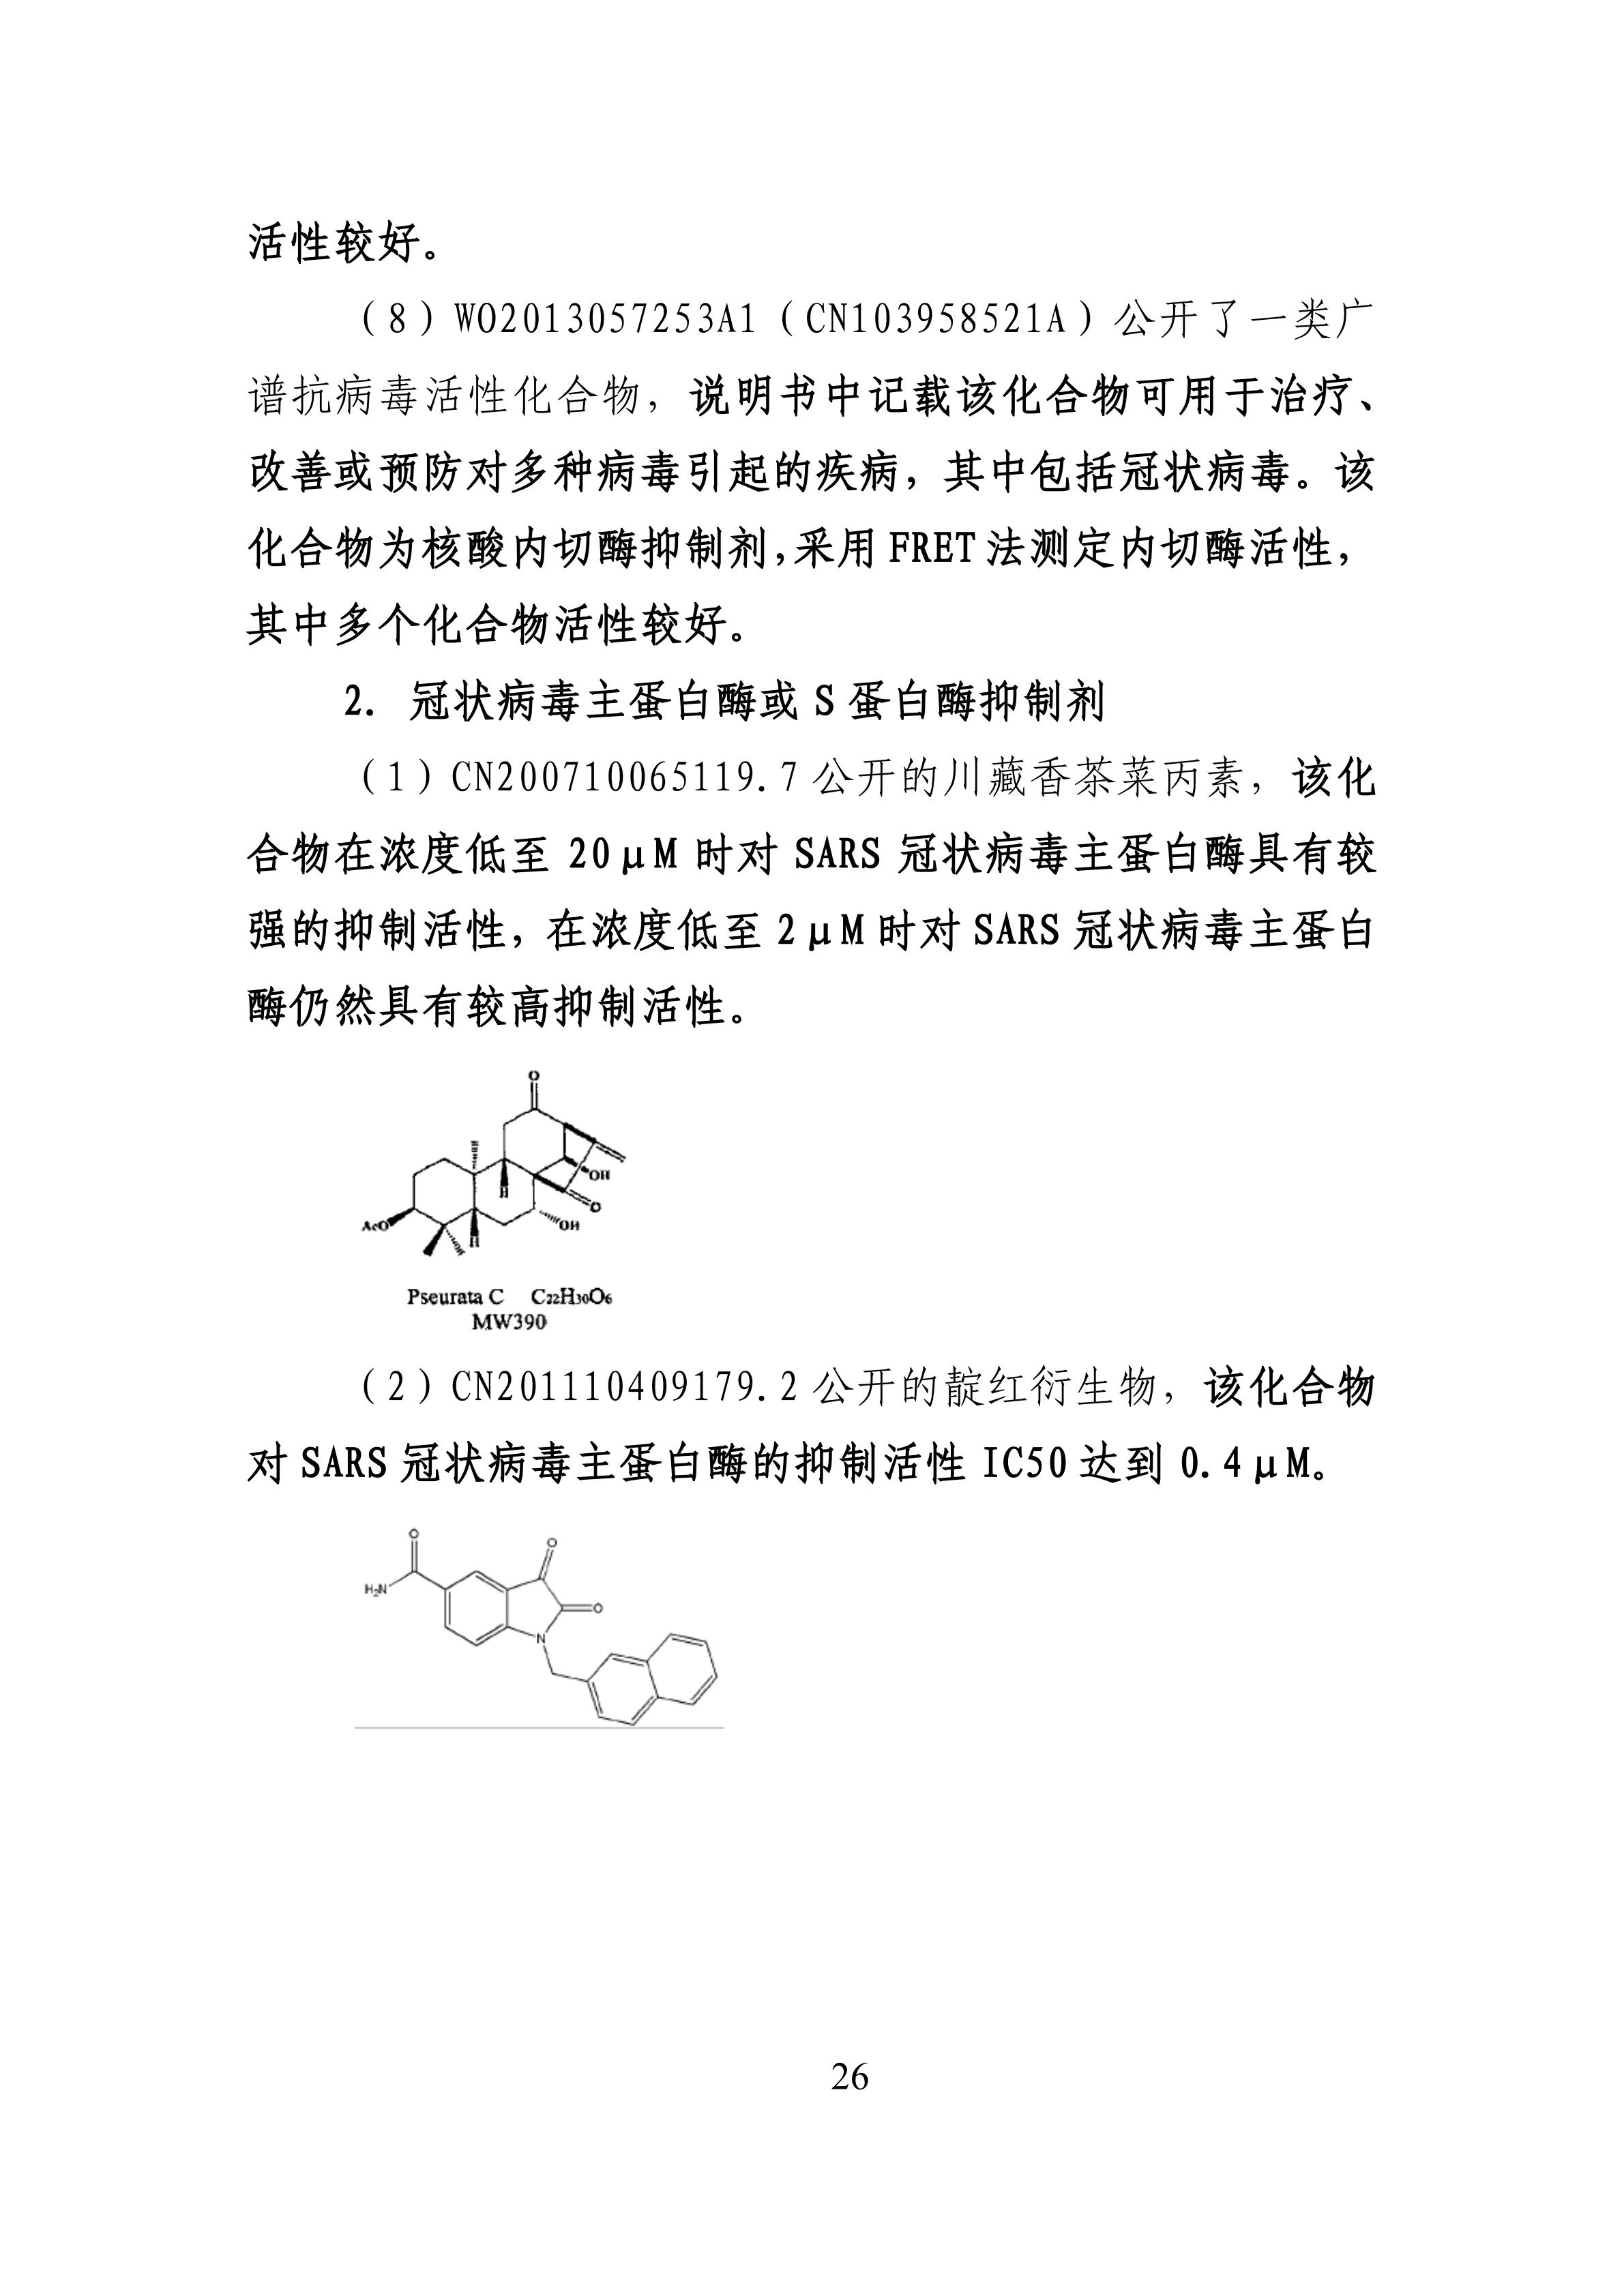 全文版来啦!《抗击新型冠状病毒肺炎专利信息研报》刚刚发布